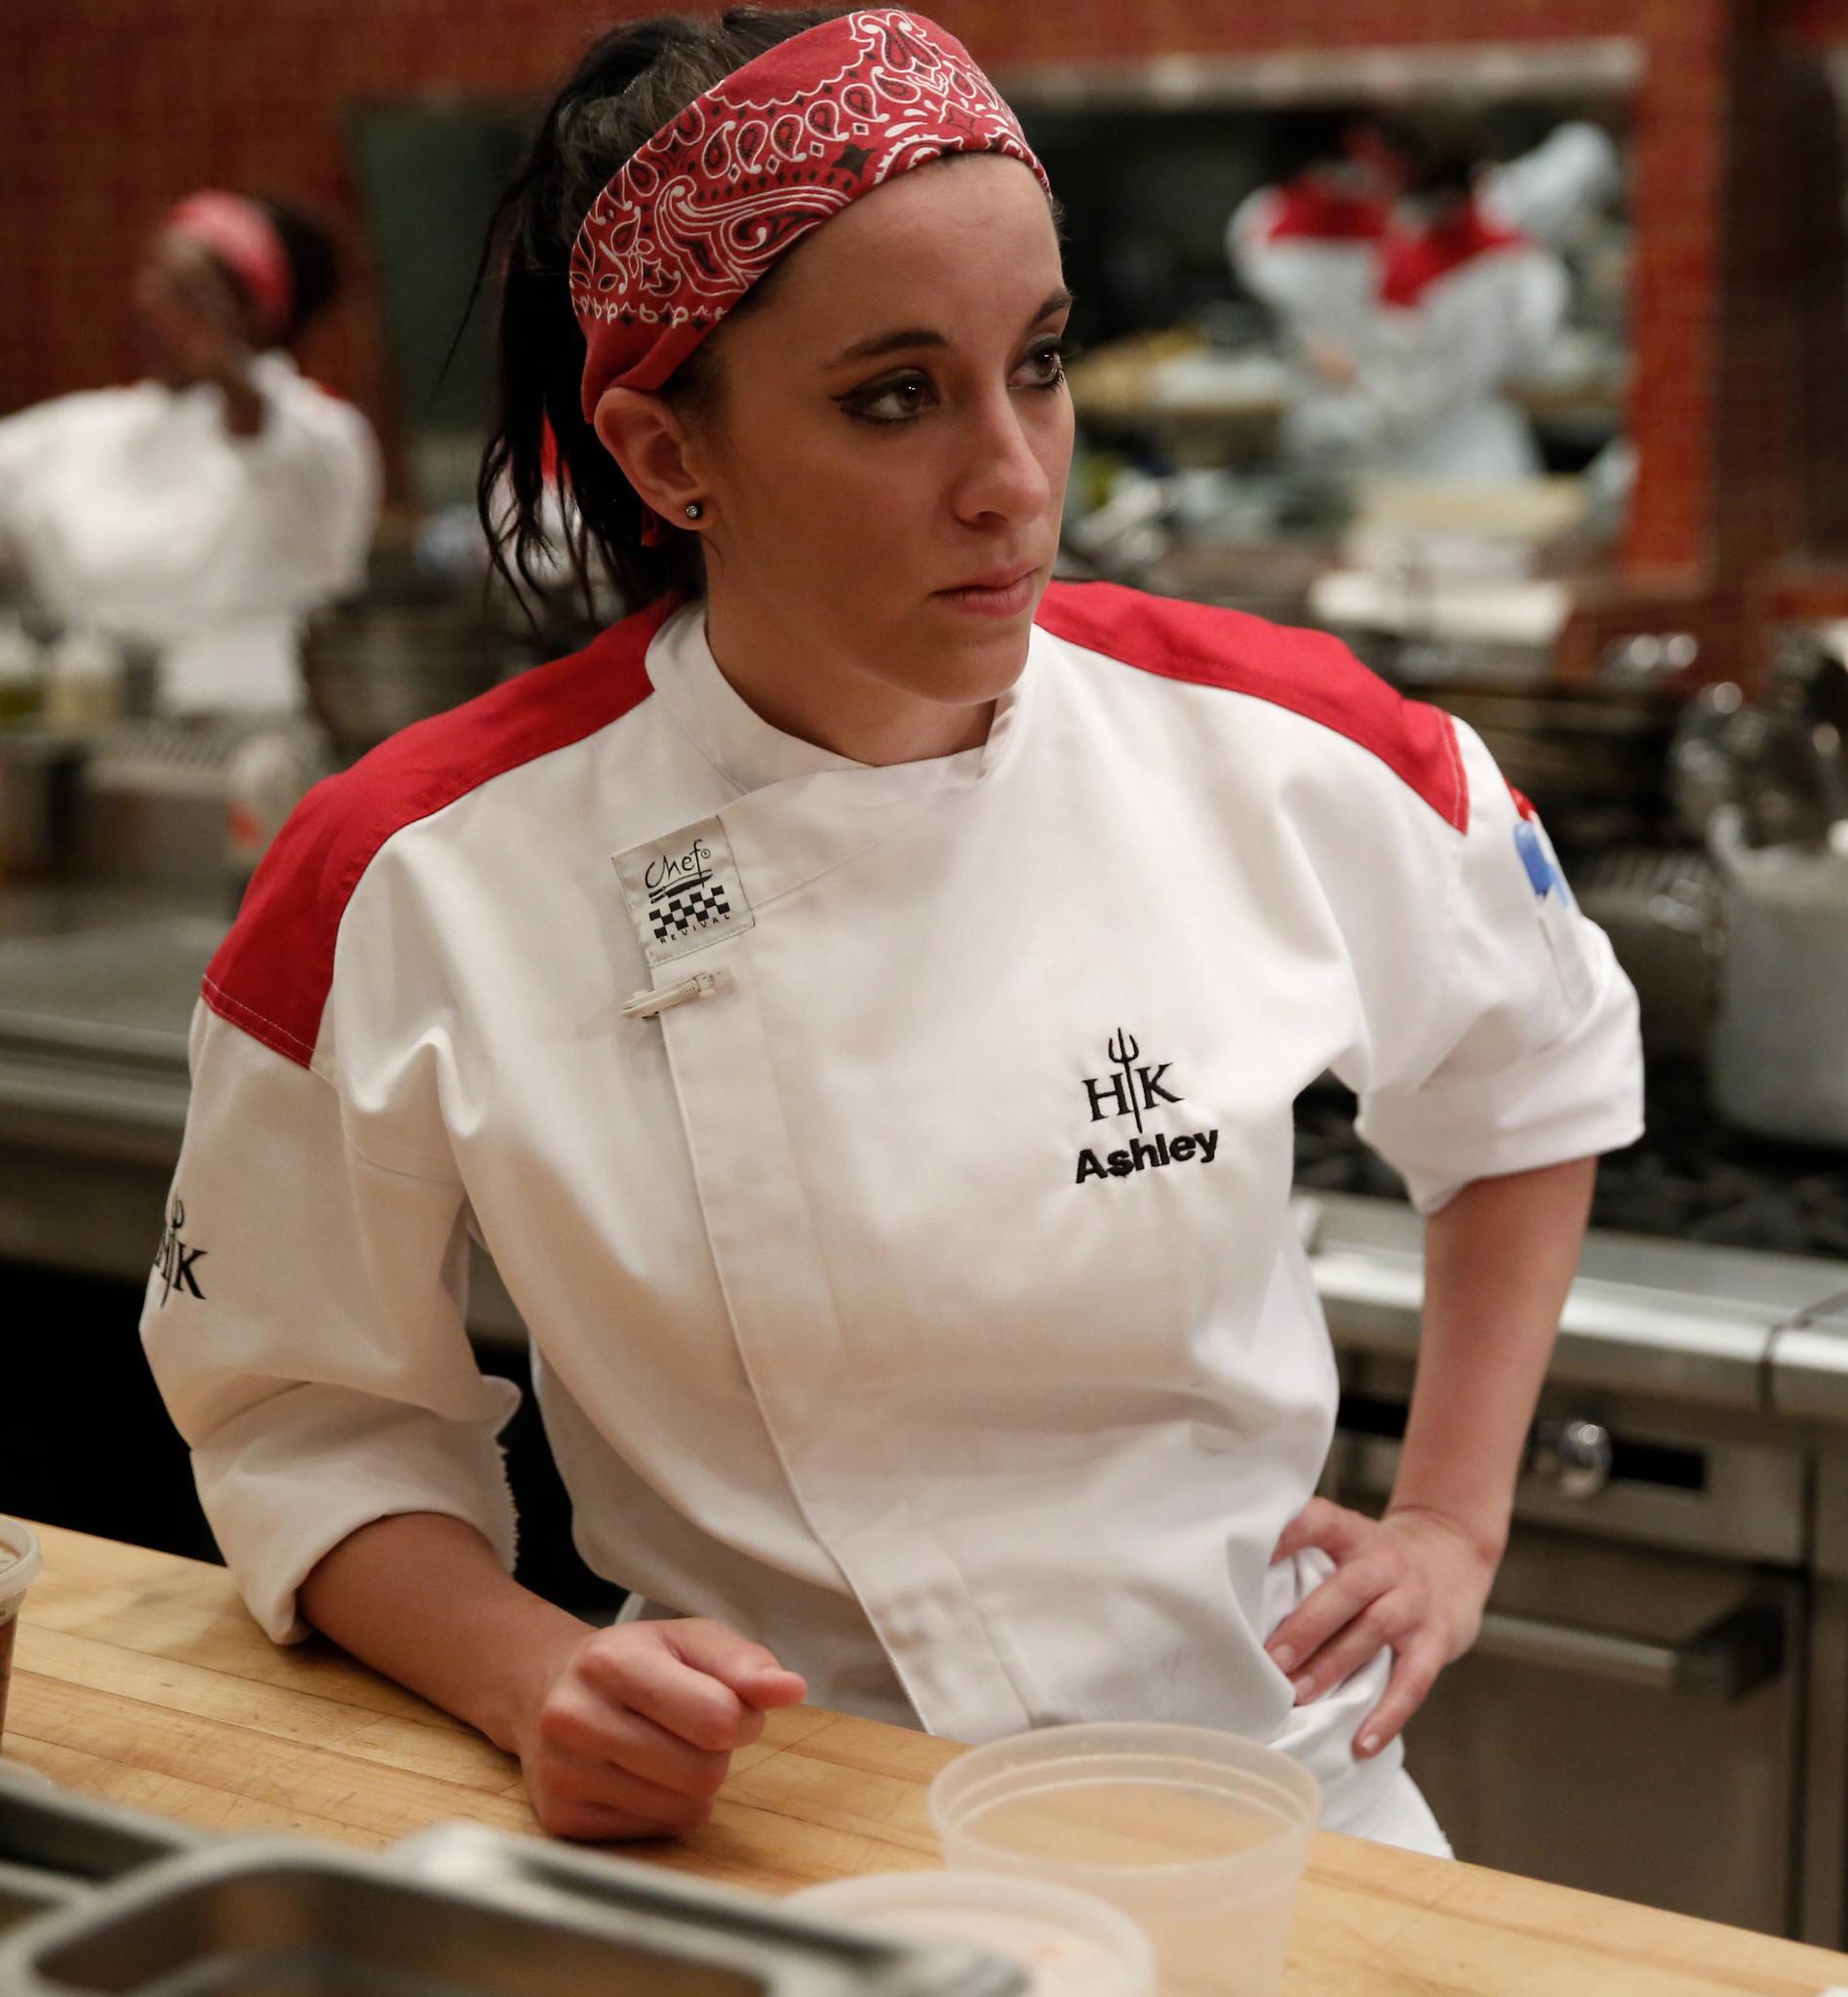 hells kitchen orlando chef opens restaurant orlando sentinel - Hells Kitchen Fox